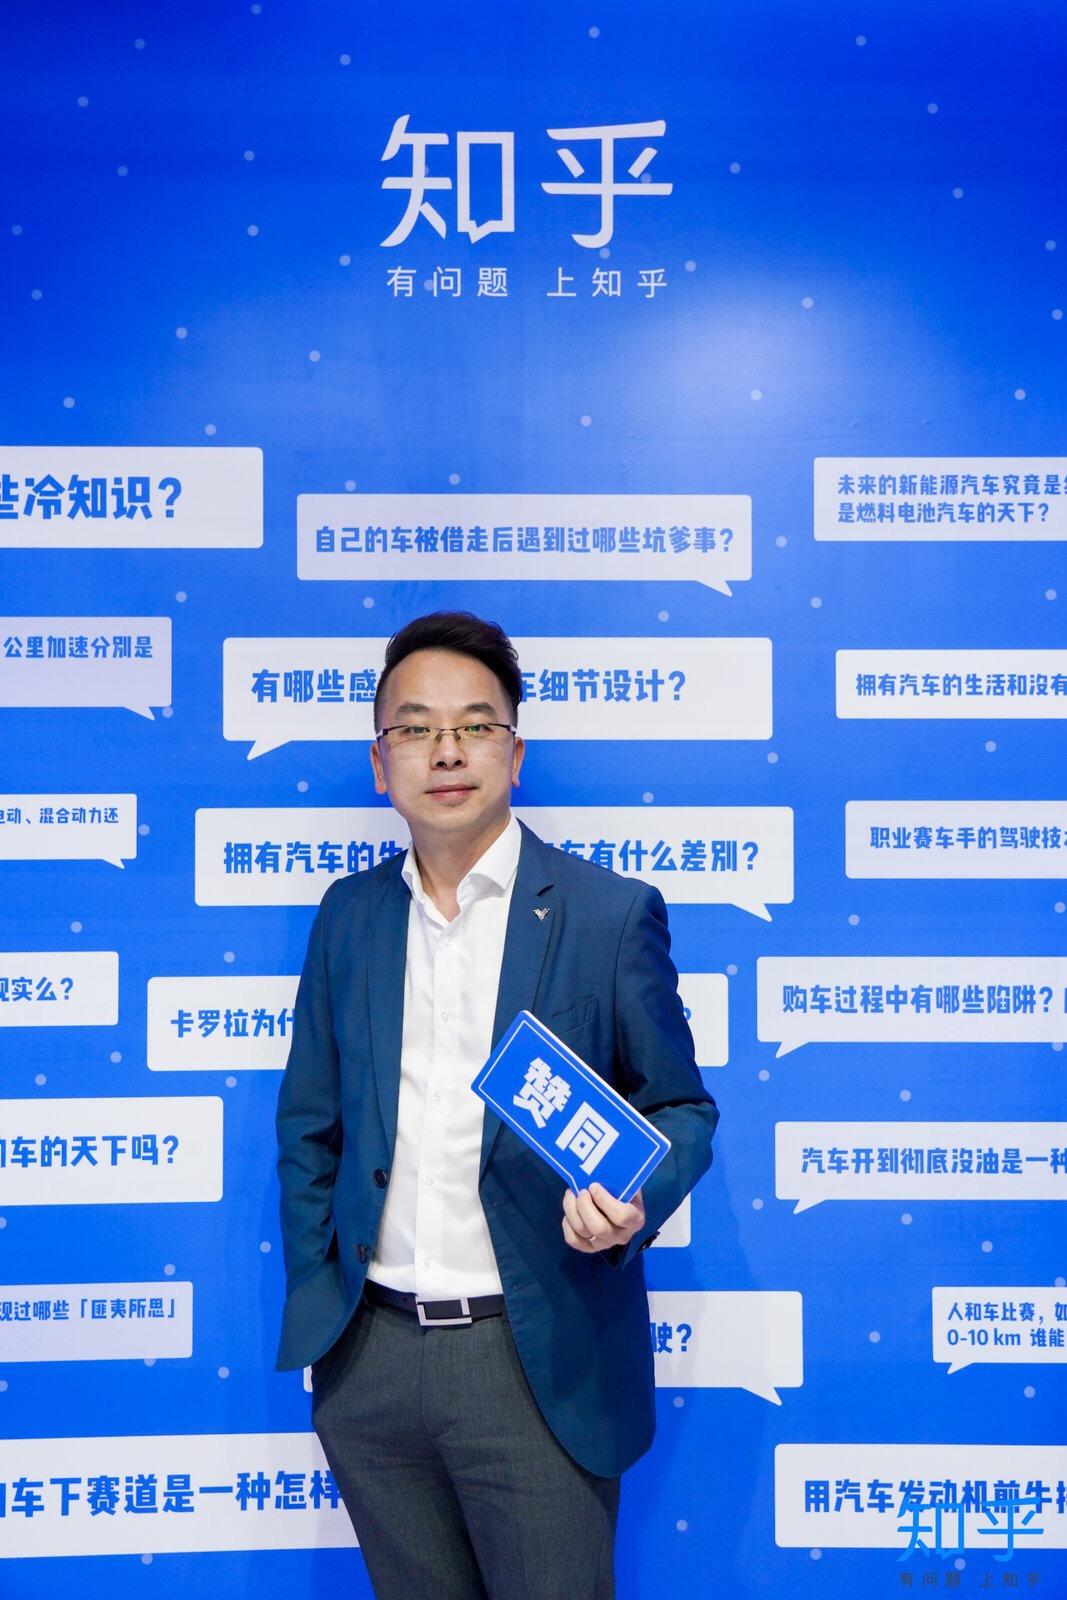 合众汽车副总裁周江